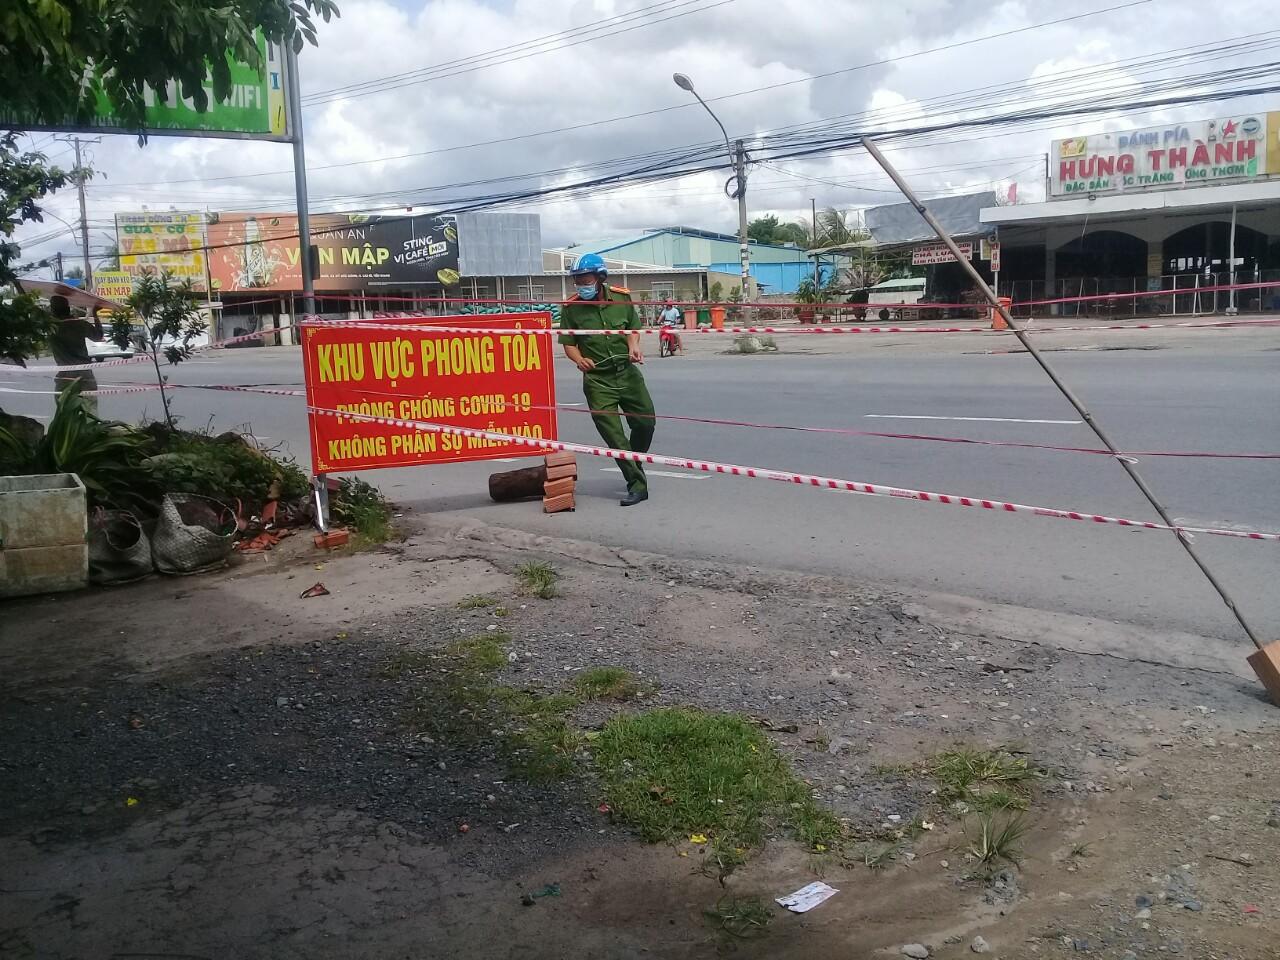 Từ 0 giờ ngày 12/6 toàn tỉnh Tiền Giang thực hiện giãn cách xã hội